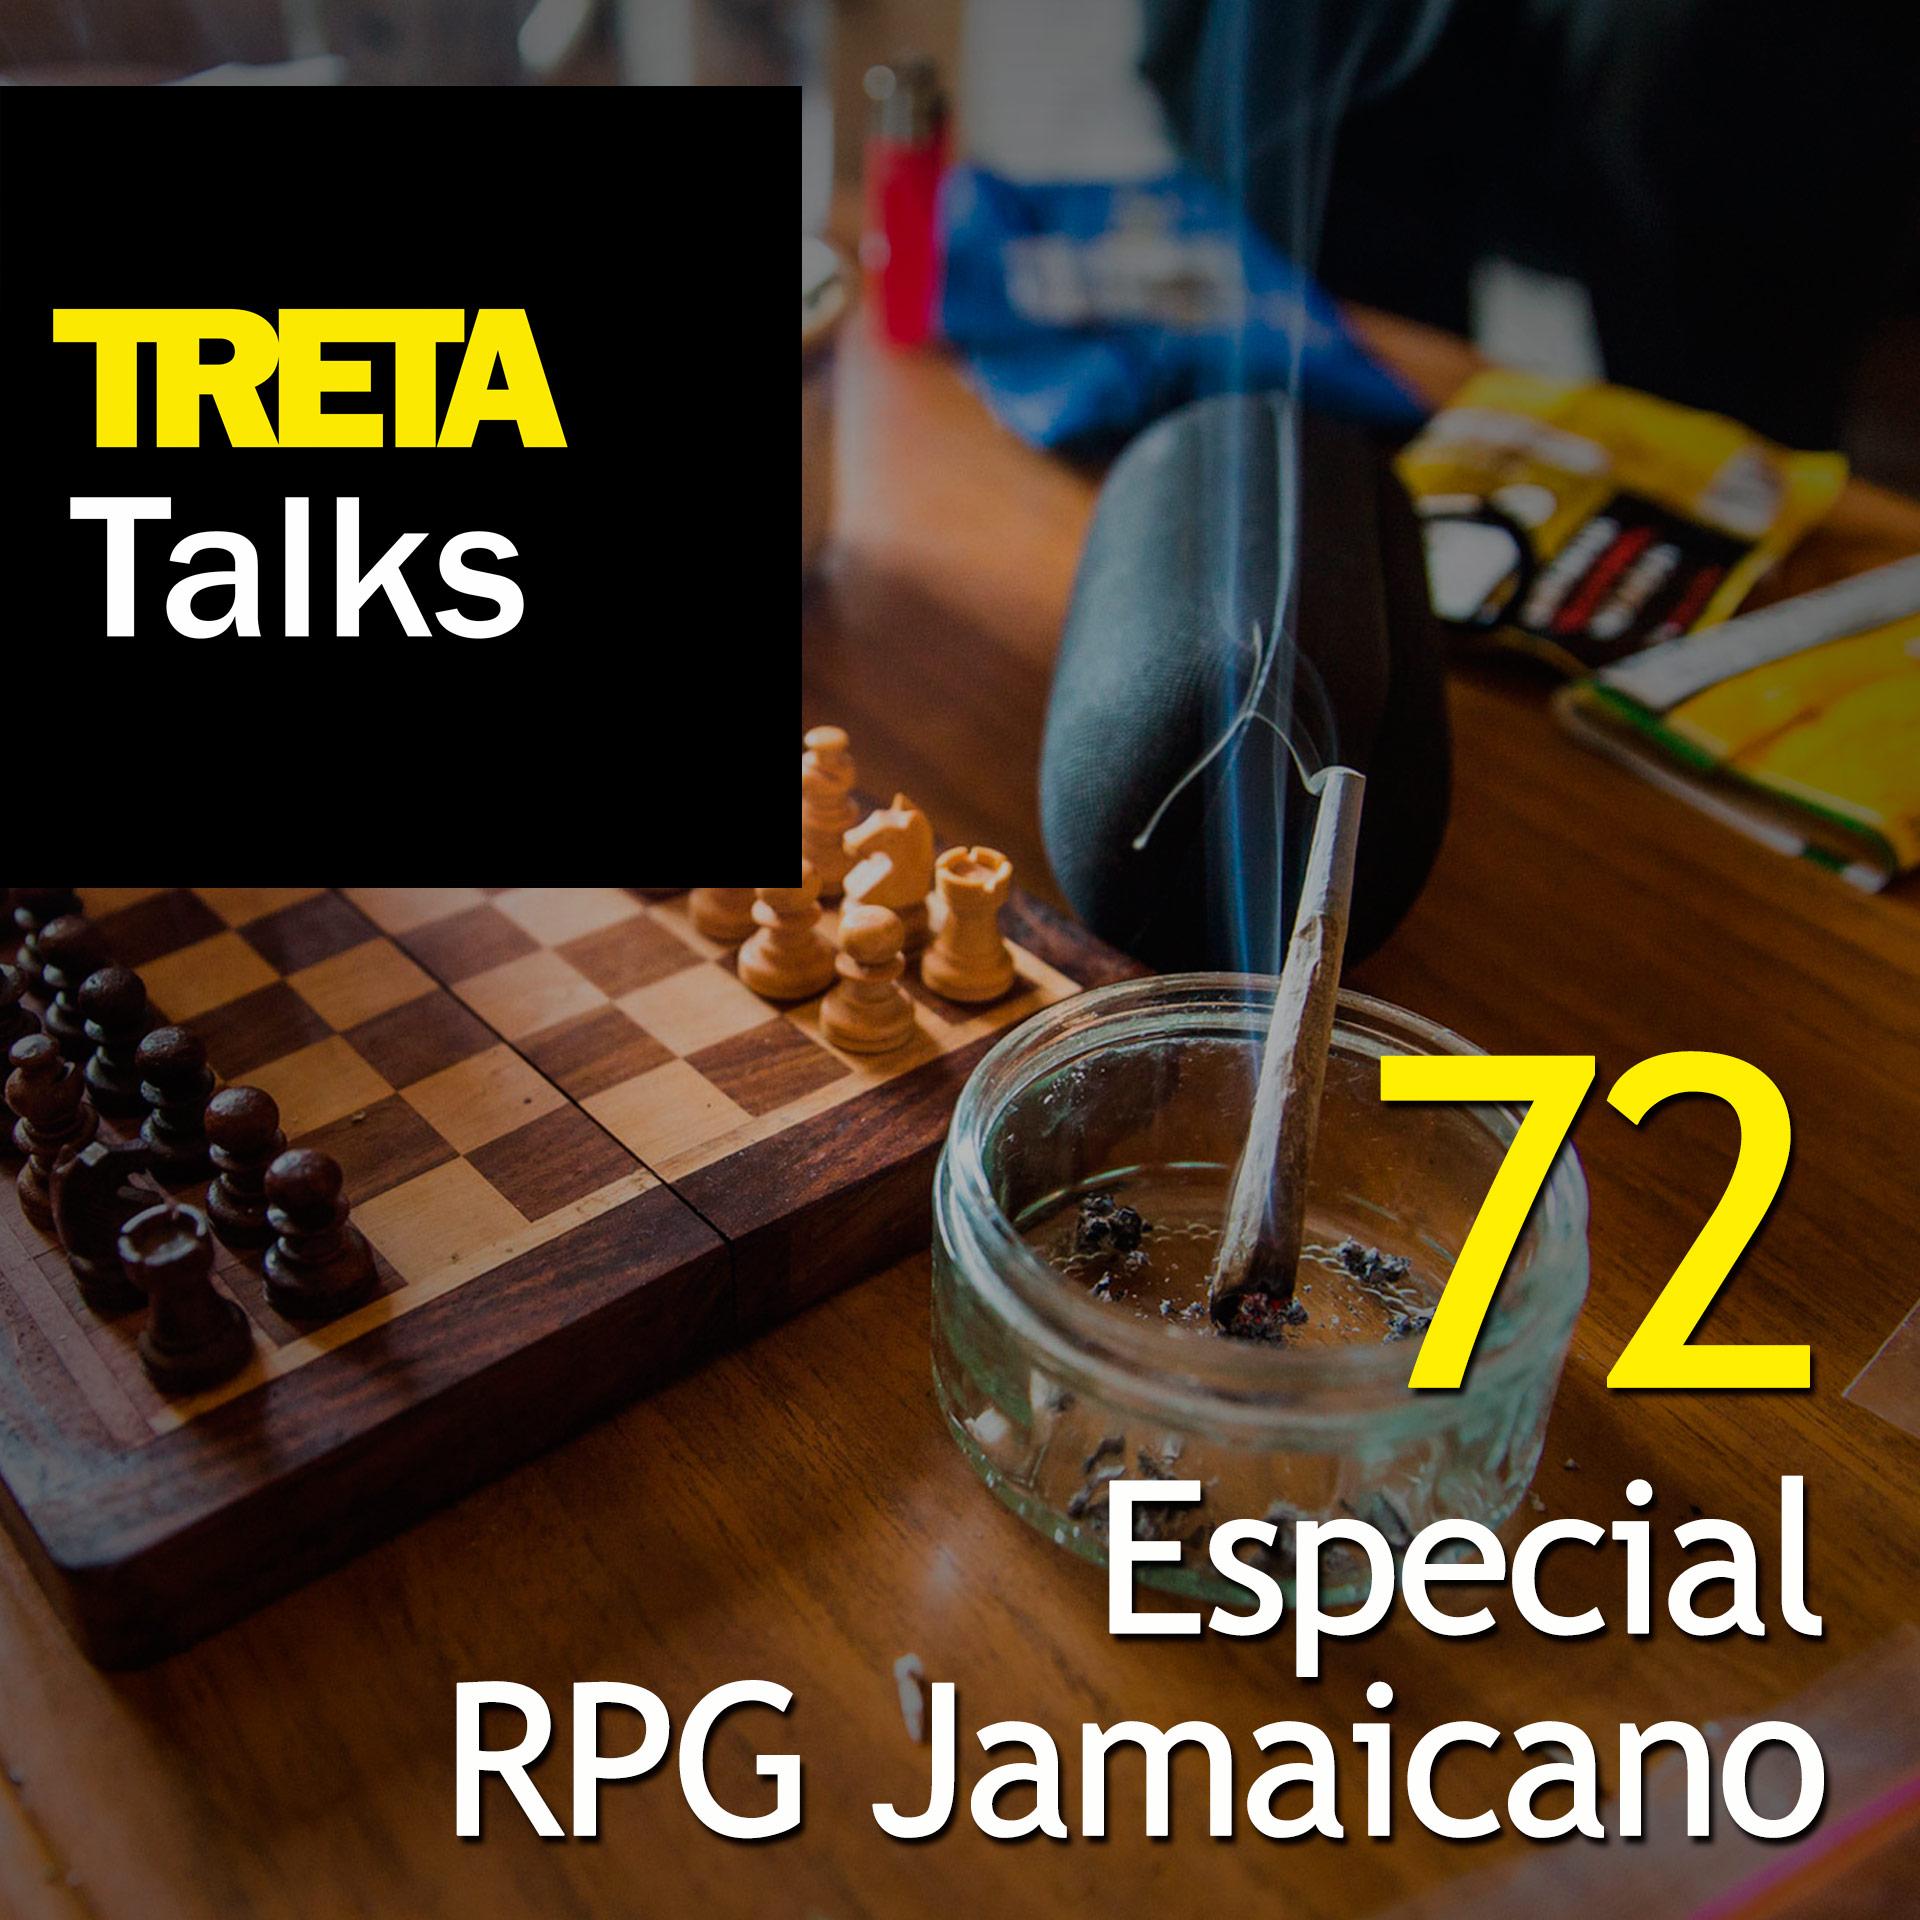 TRETA Talks #72 – Especial RPG Jamaicano